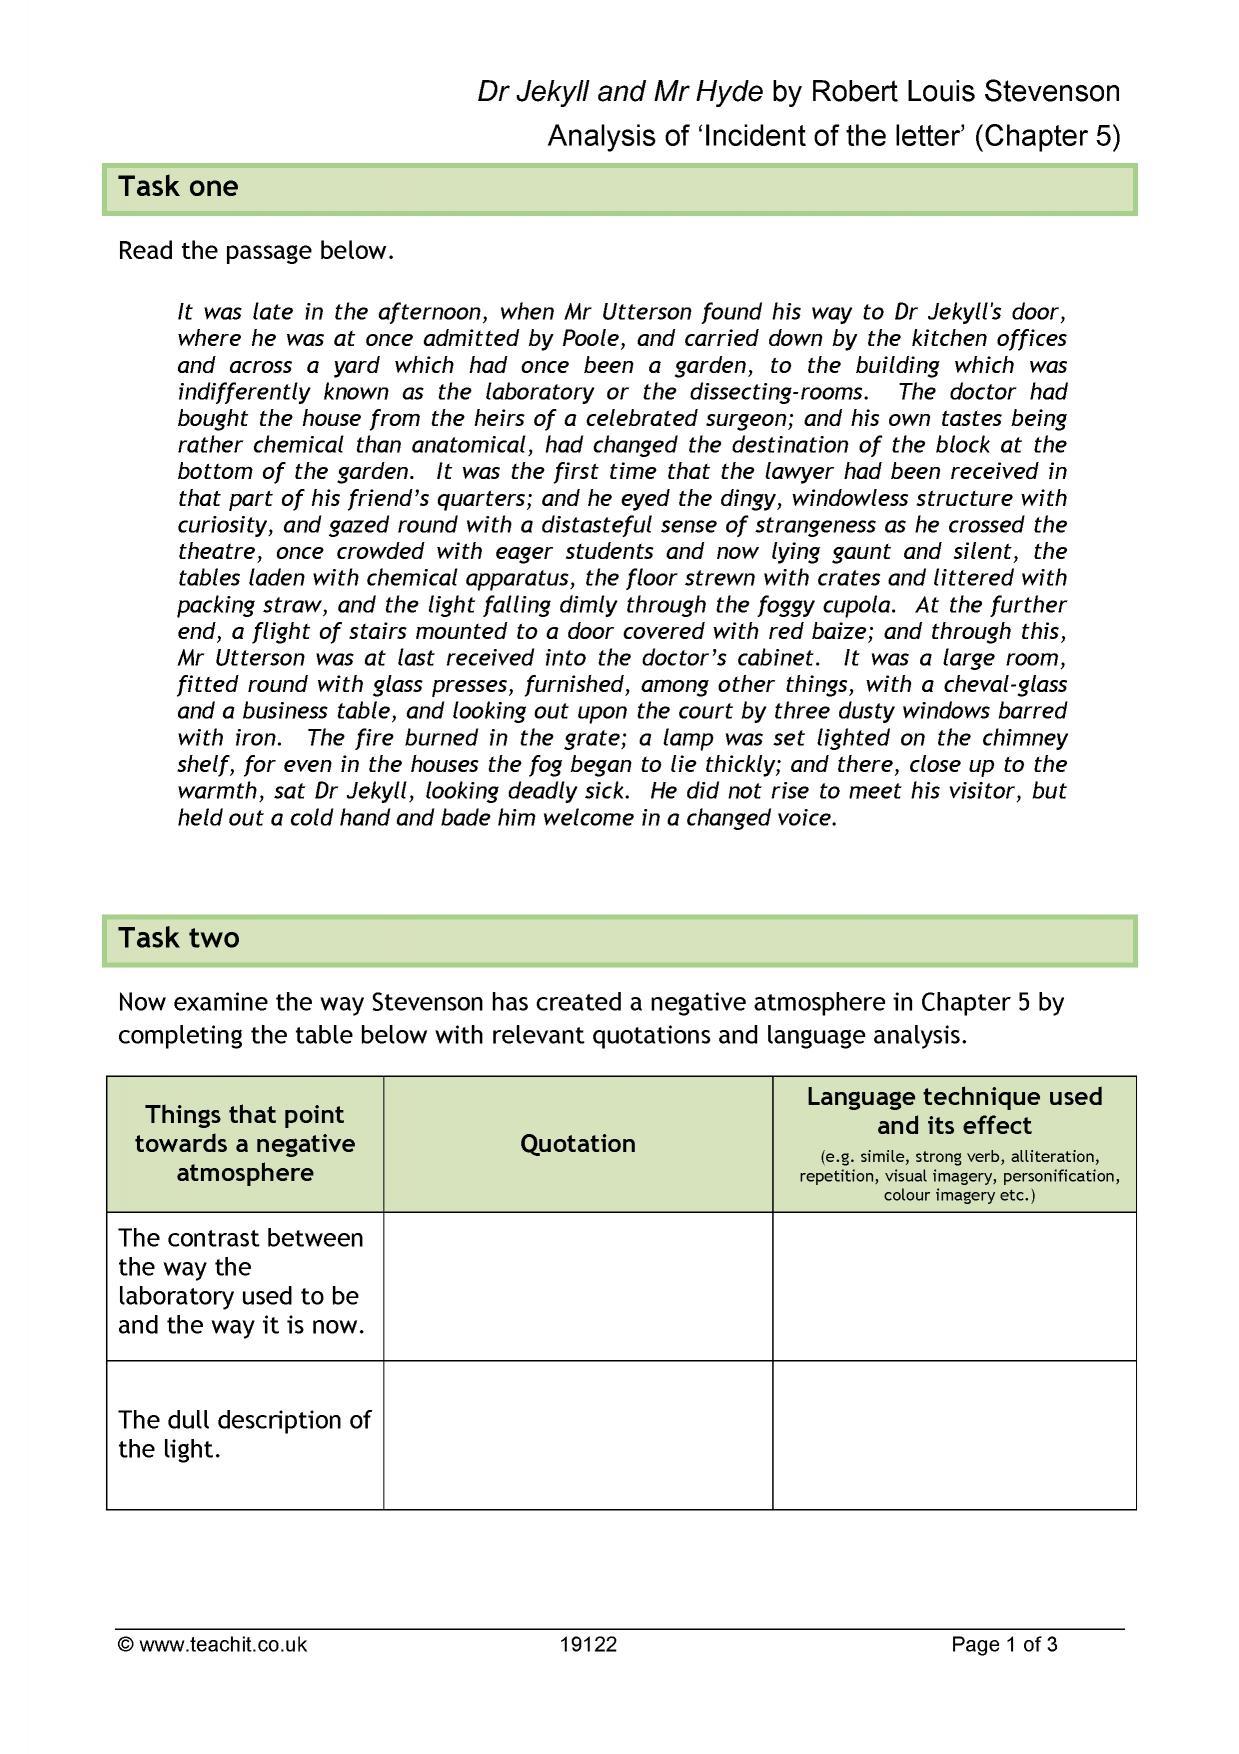 prose analysis essay vocabulary com